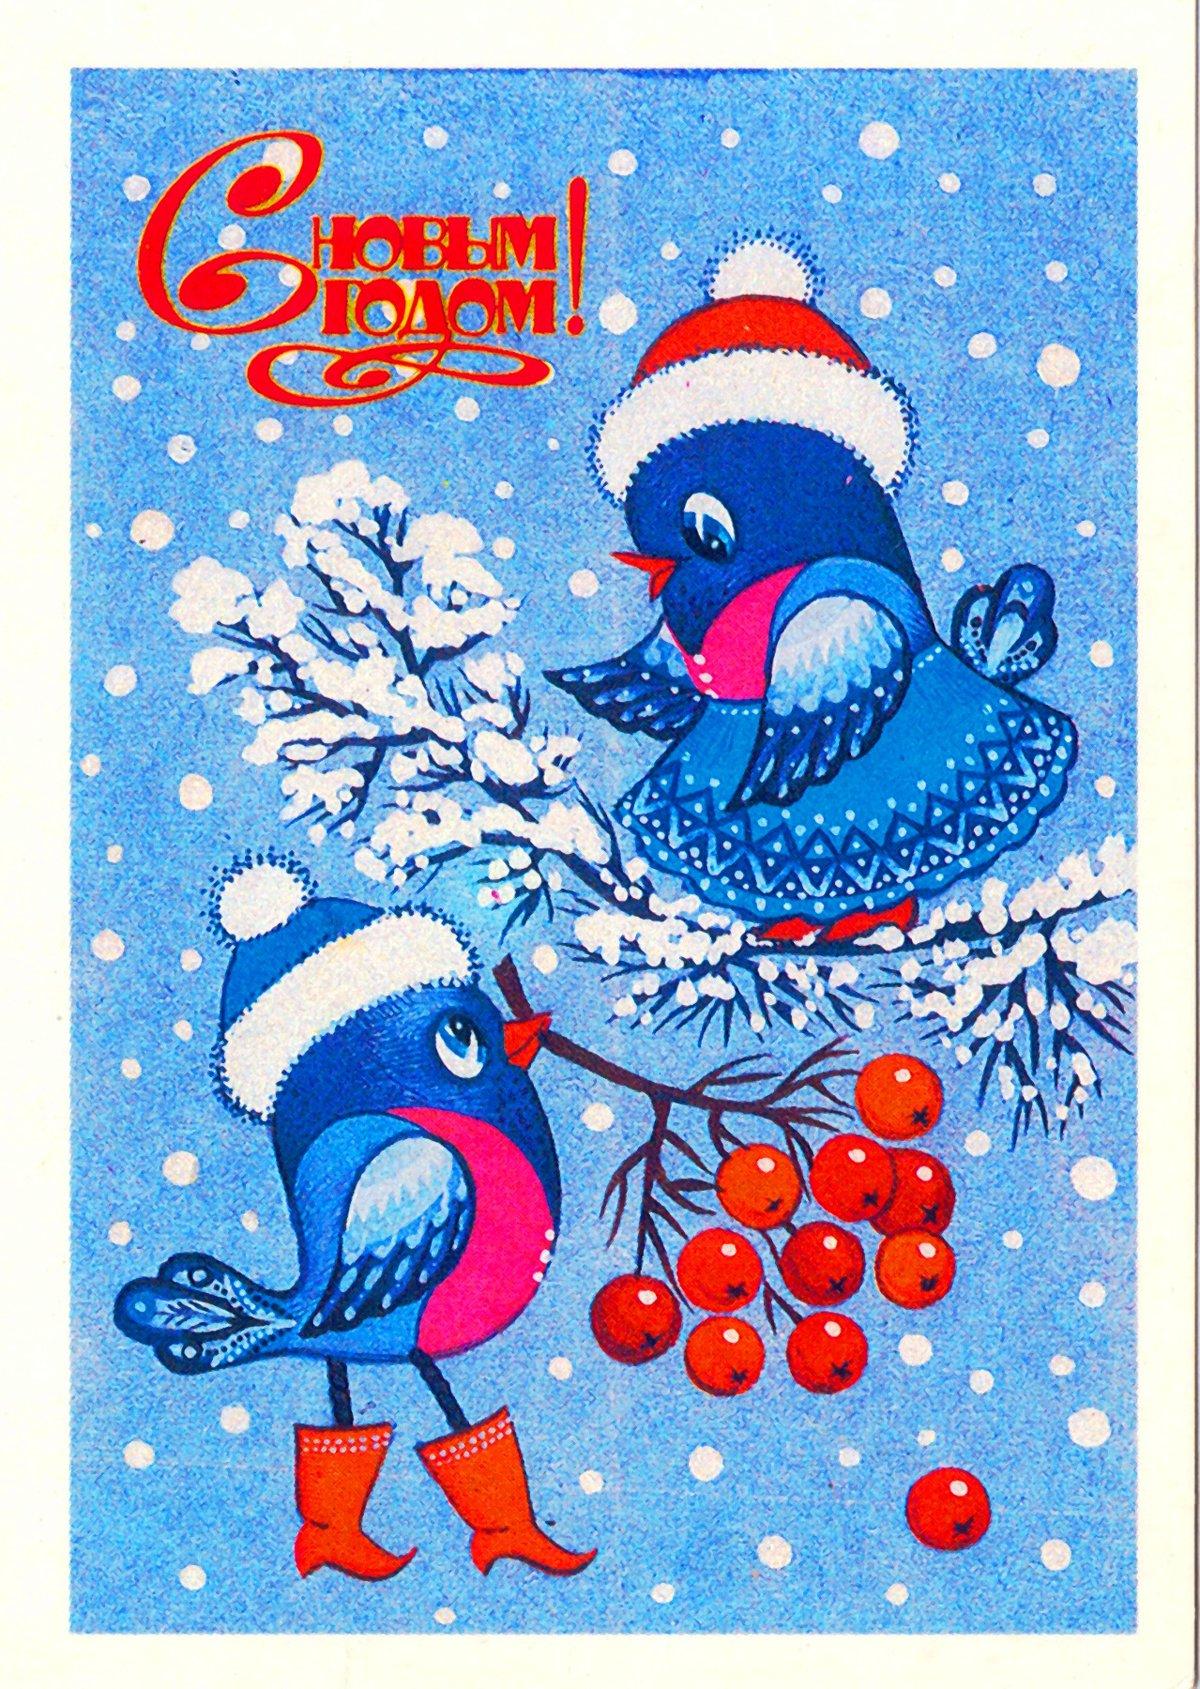 Открытки и рисунки нового года, поздравление рождением ребенка